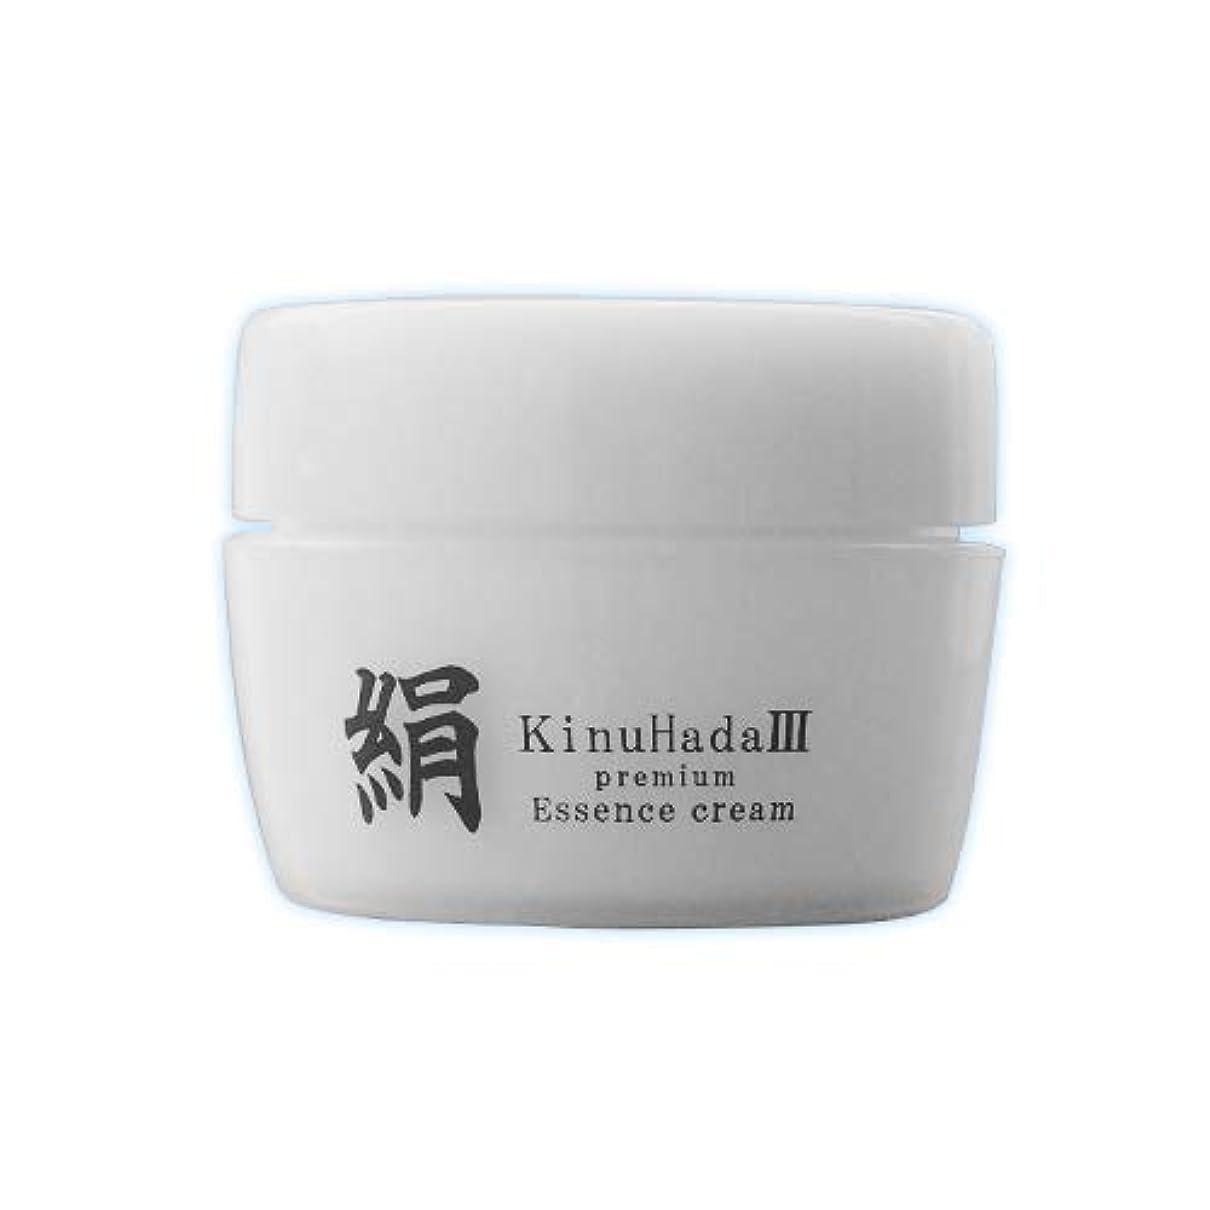 導体アラスカしなやかなKinuHada 3 premium 60g オールインワン 美容液 絹